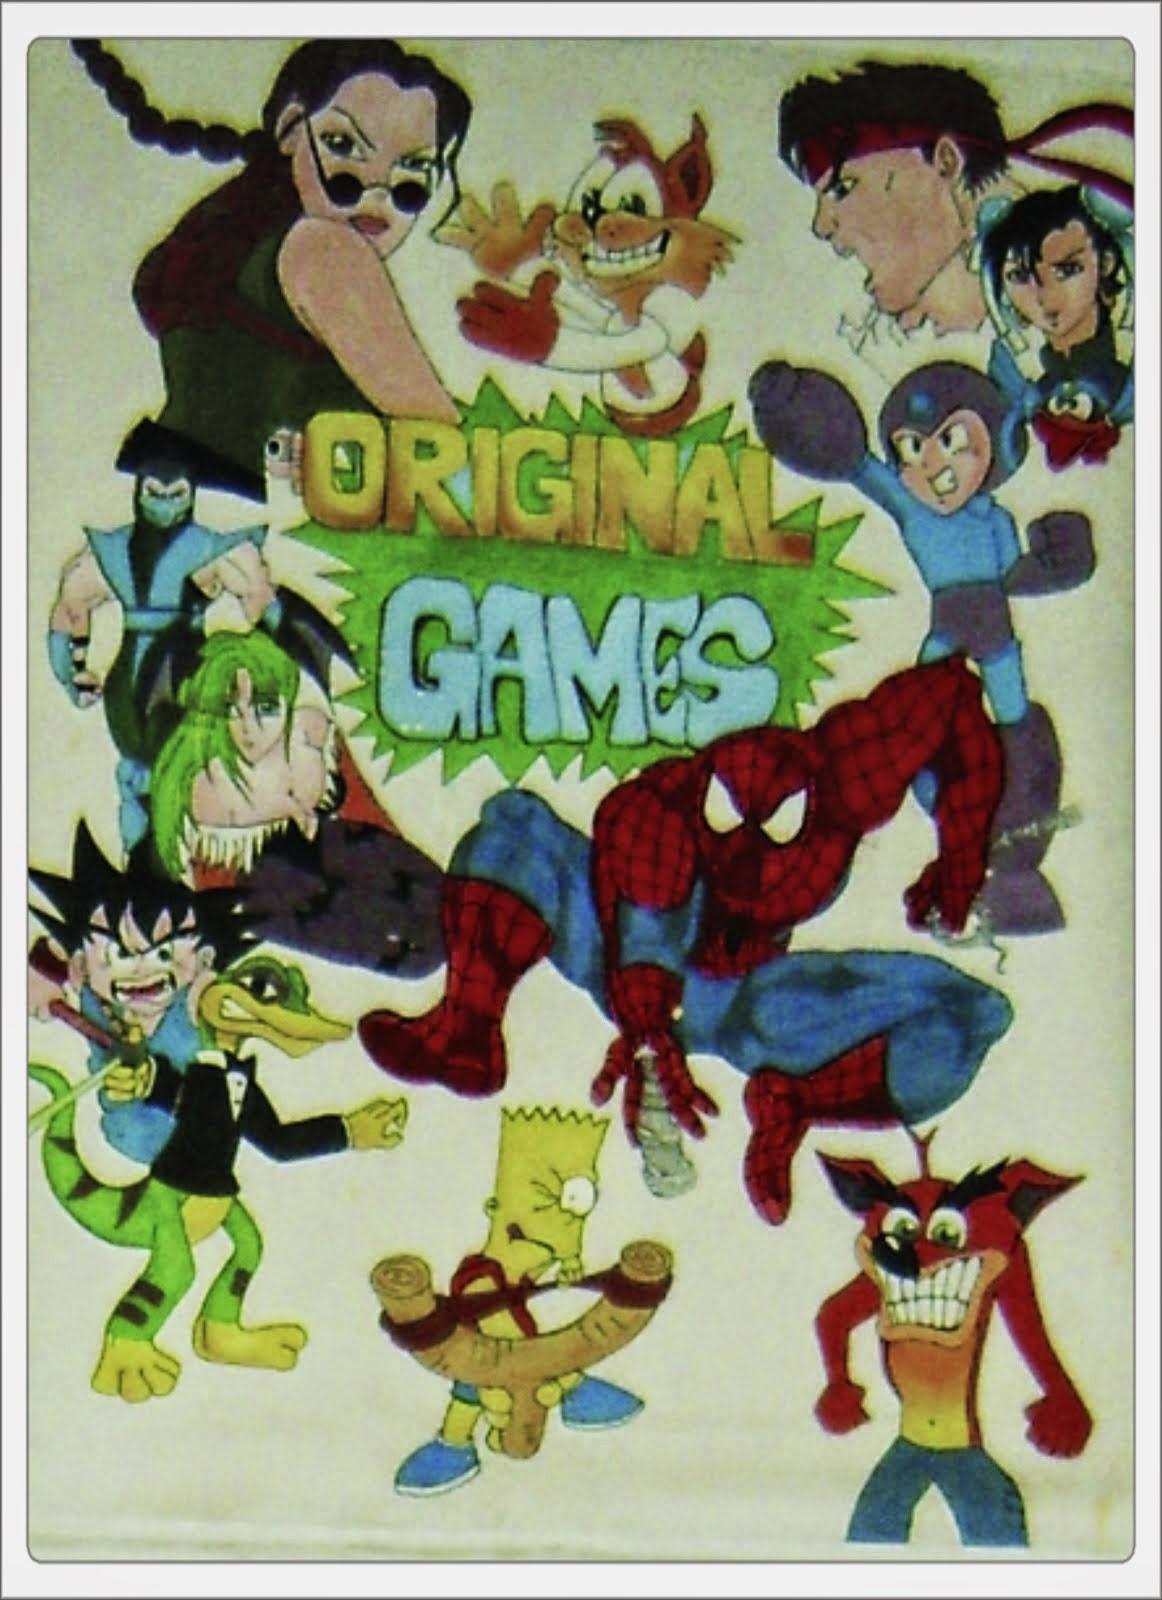 ORIGINAL GAMES #forever